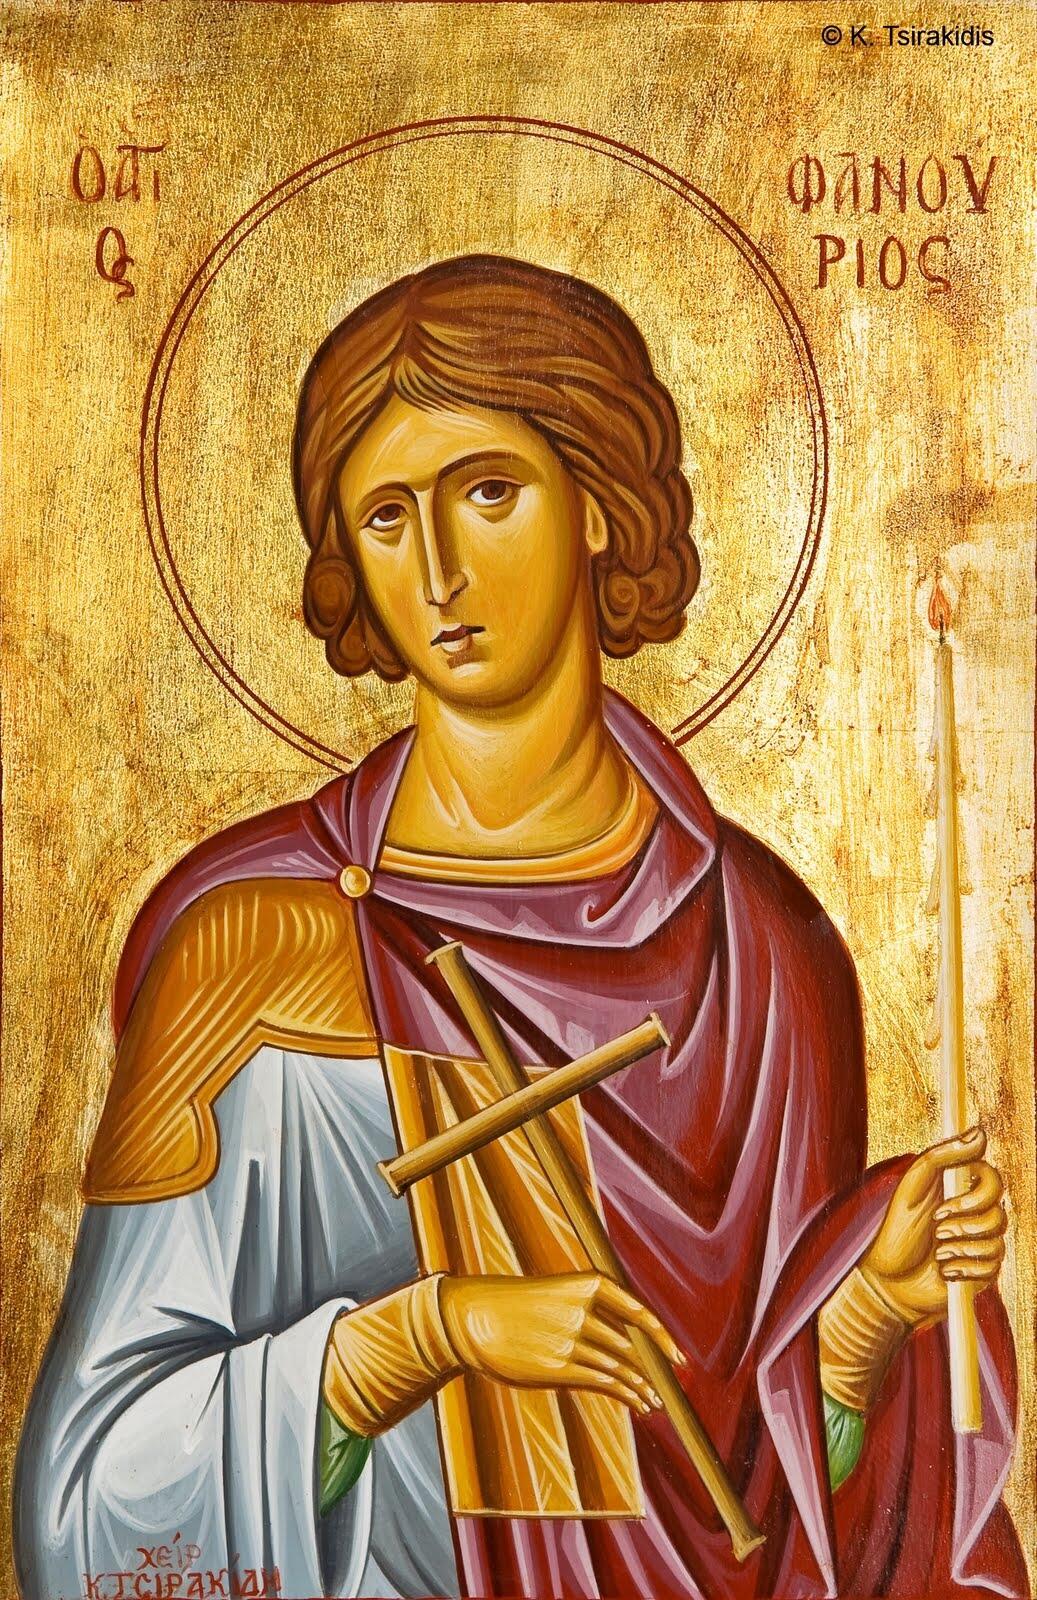 αγιος φανουριος